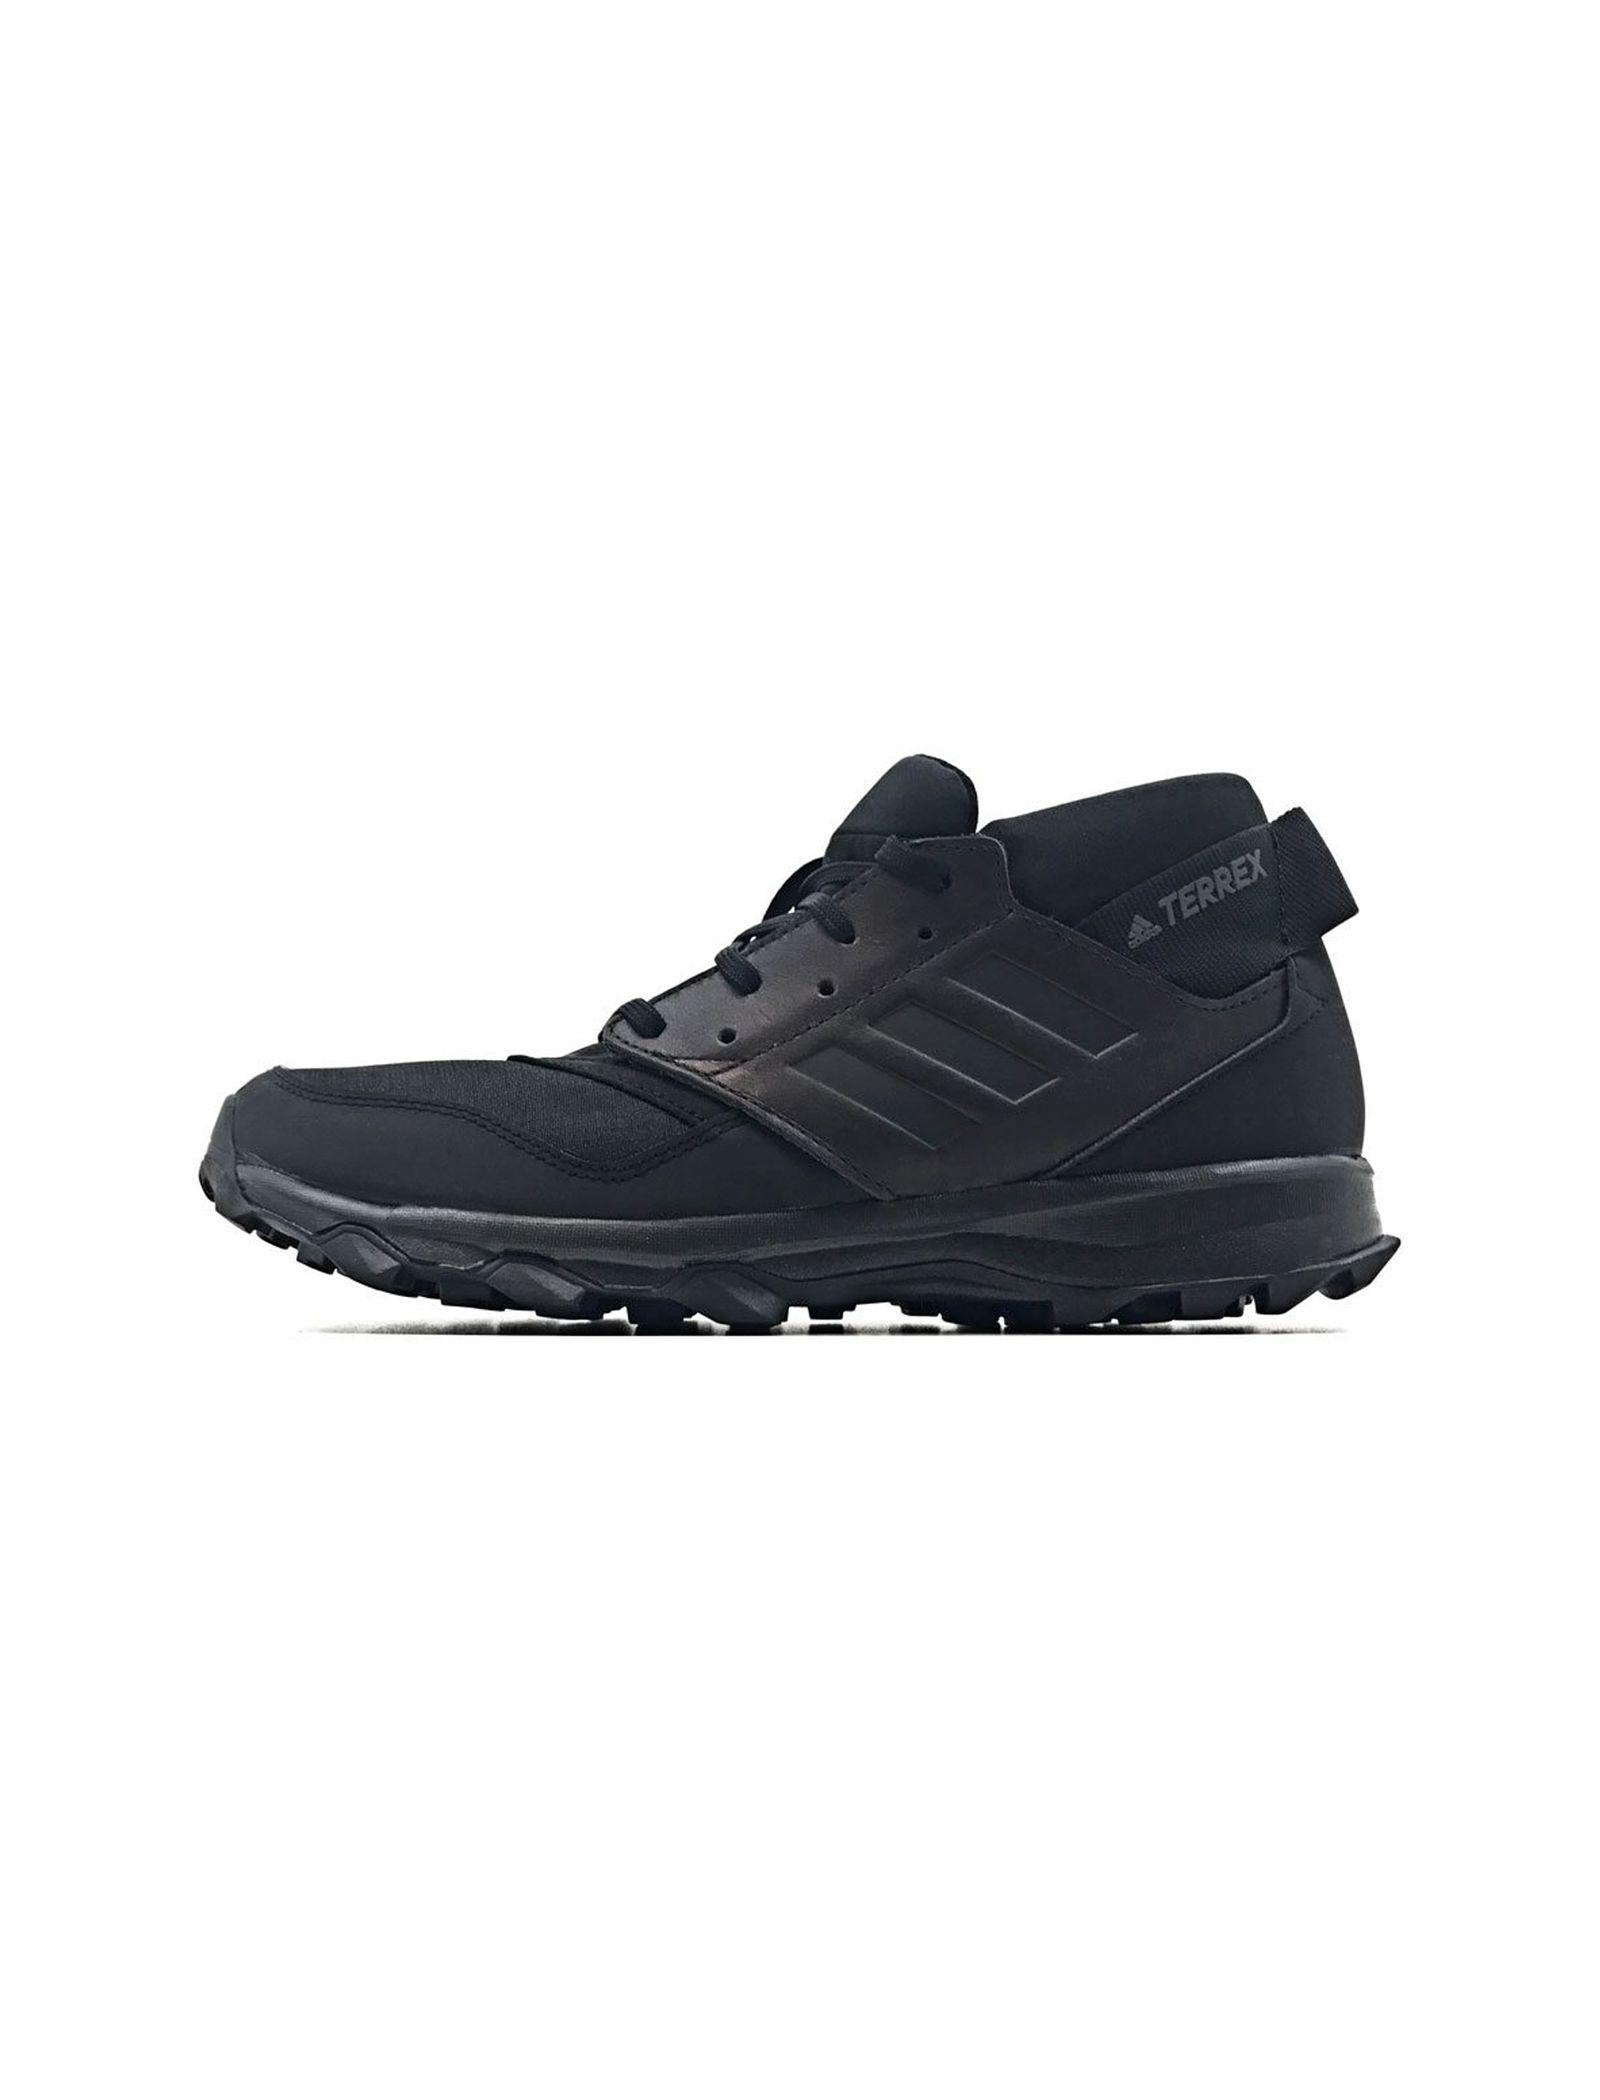 کفش کوهنوردی بندی مردانه TERREX Noket Mid - آدیداس - مشکي - 3